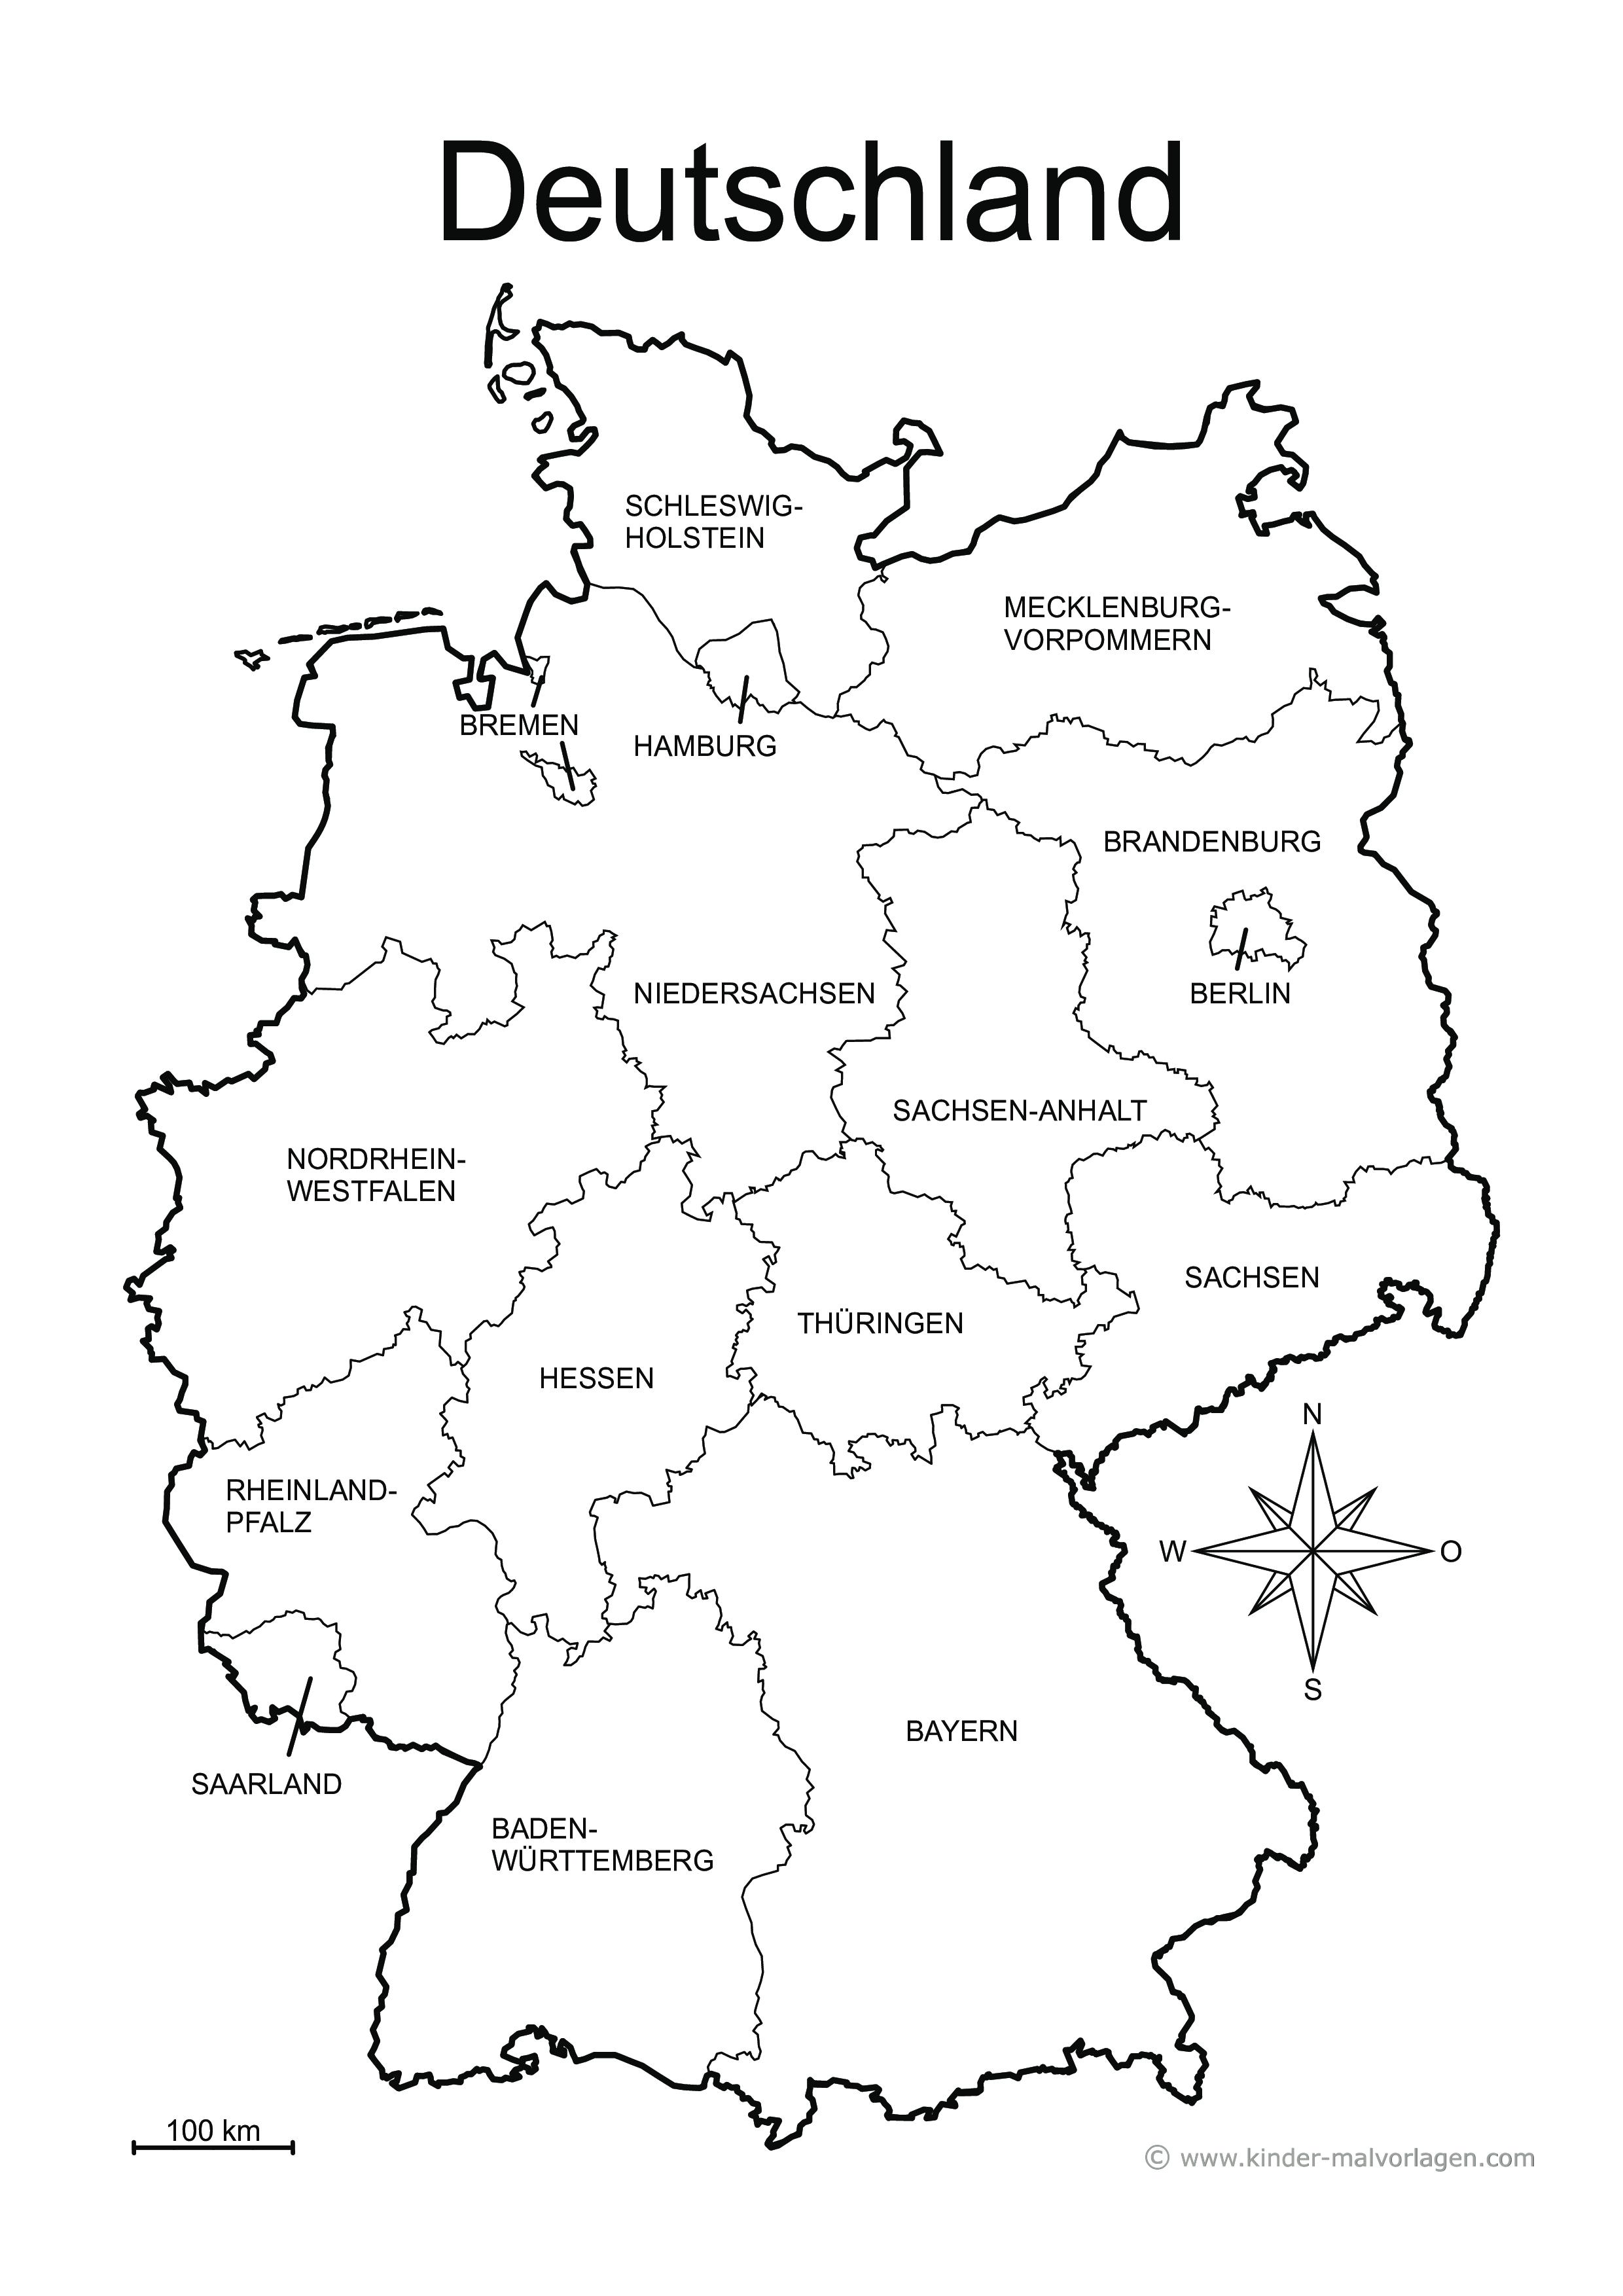 landkarte deutschland schwarz weiß Länderkarten Deutschland | 6 verschiedene Karten A4